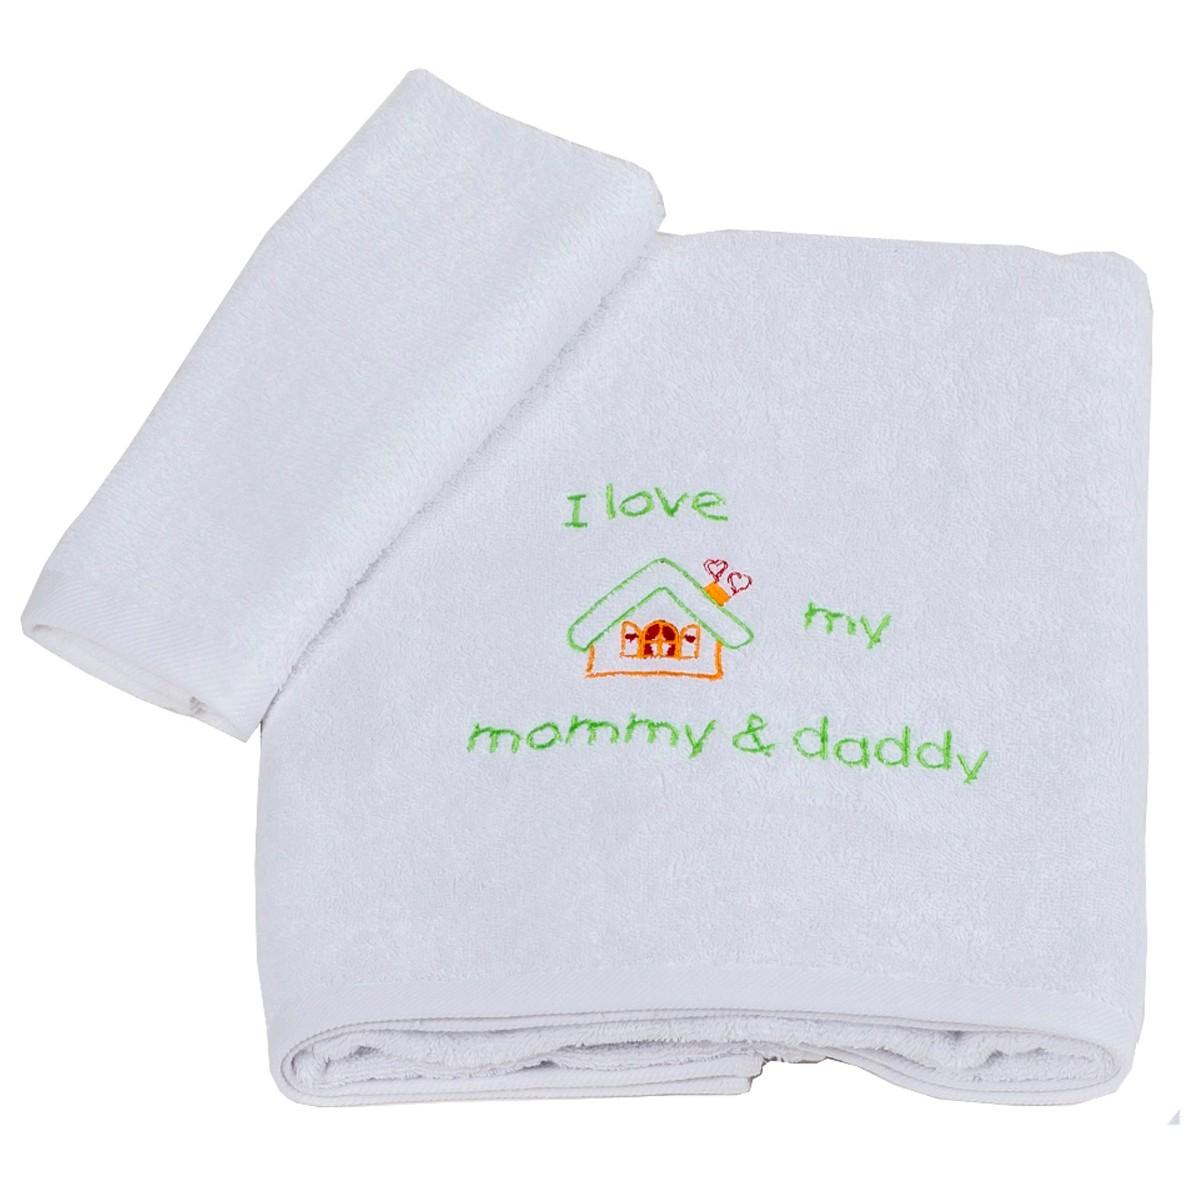 Βρεφικές Πετσέτες (Σετ 2τμχ) Κόσμος Του Μωρού Love 0502 Λαχανί 74633